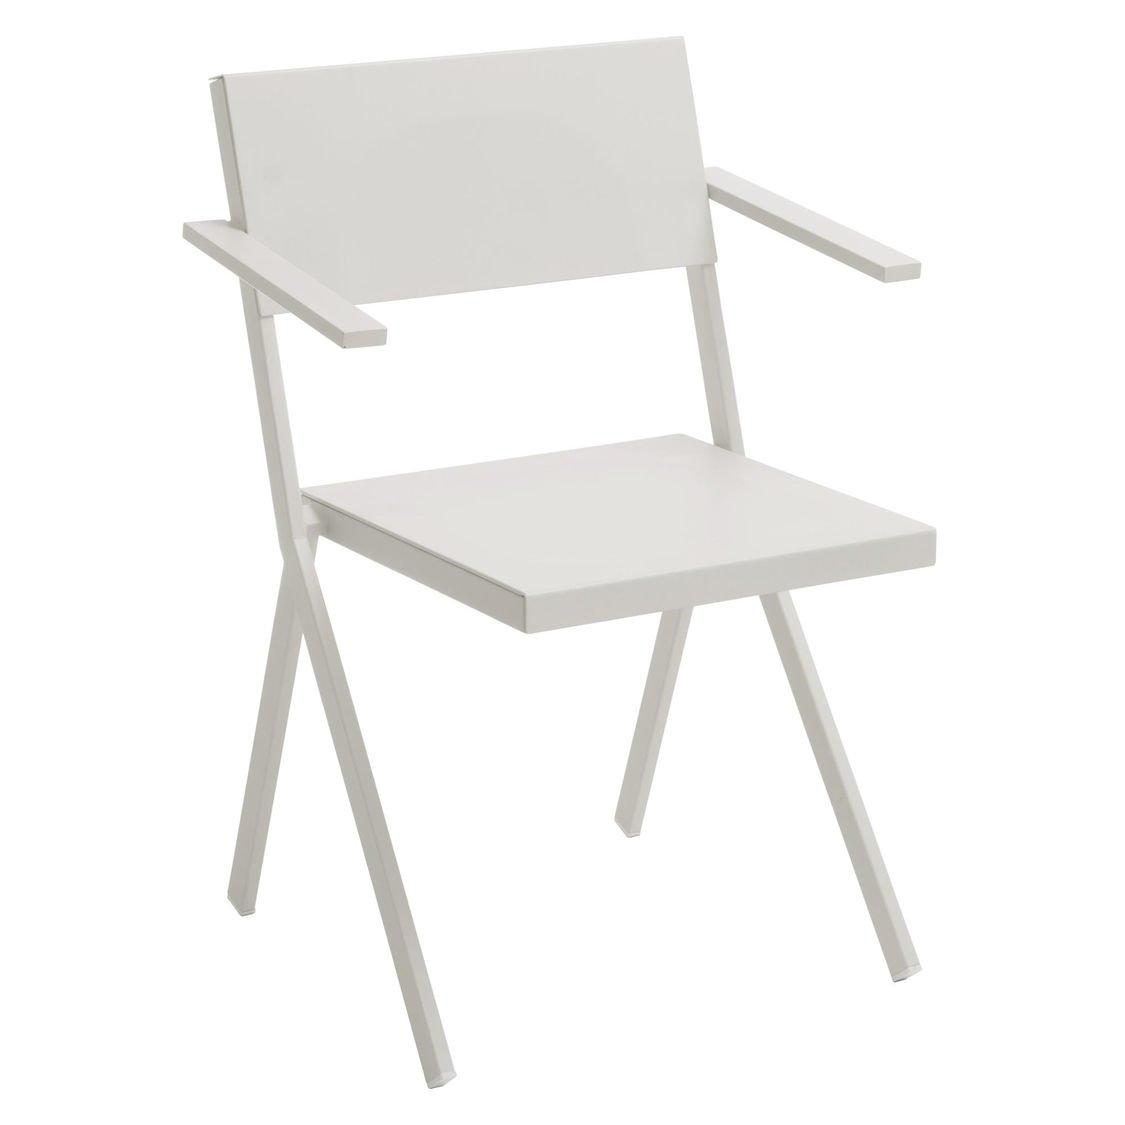 Mia Outdoor Armchair